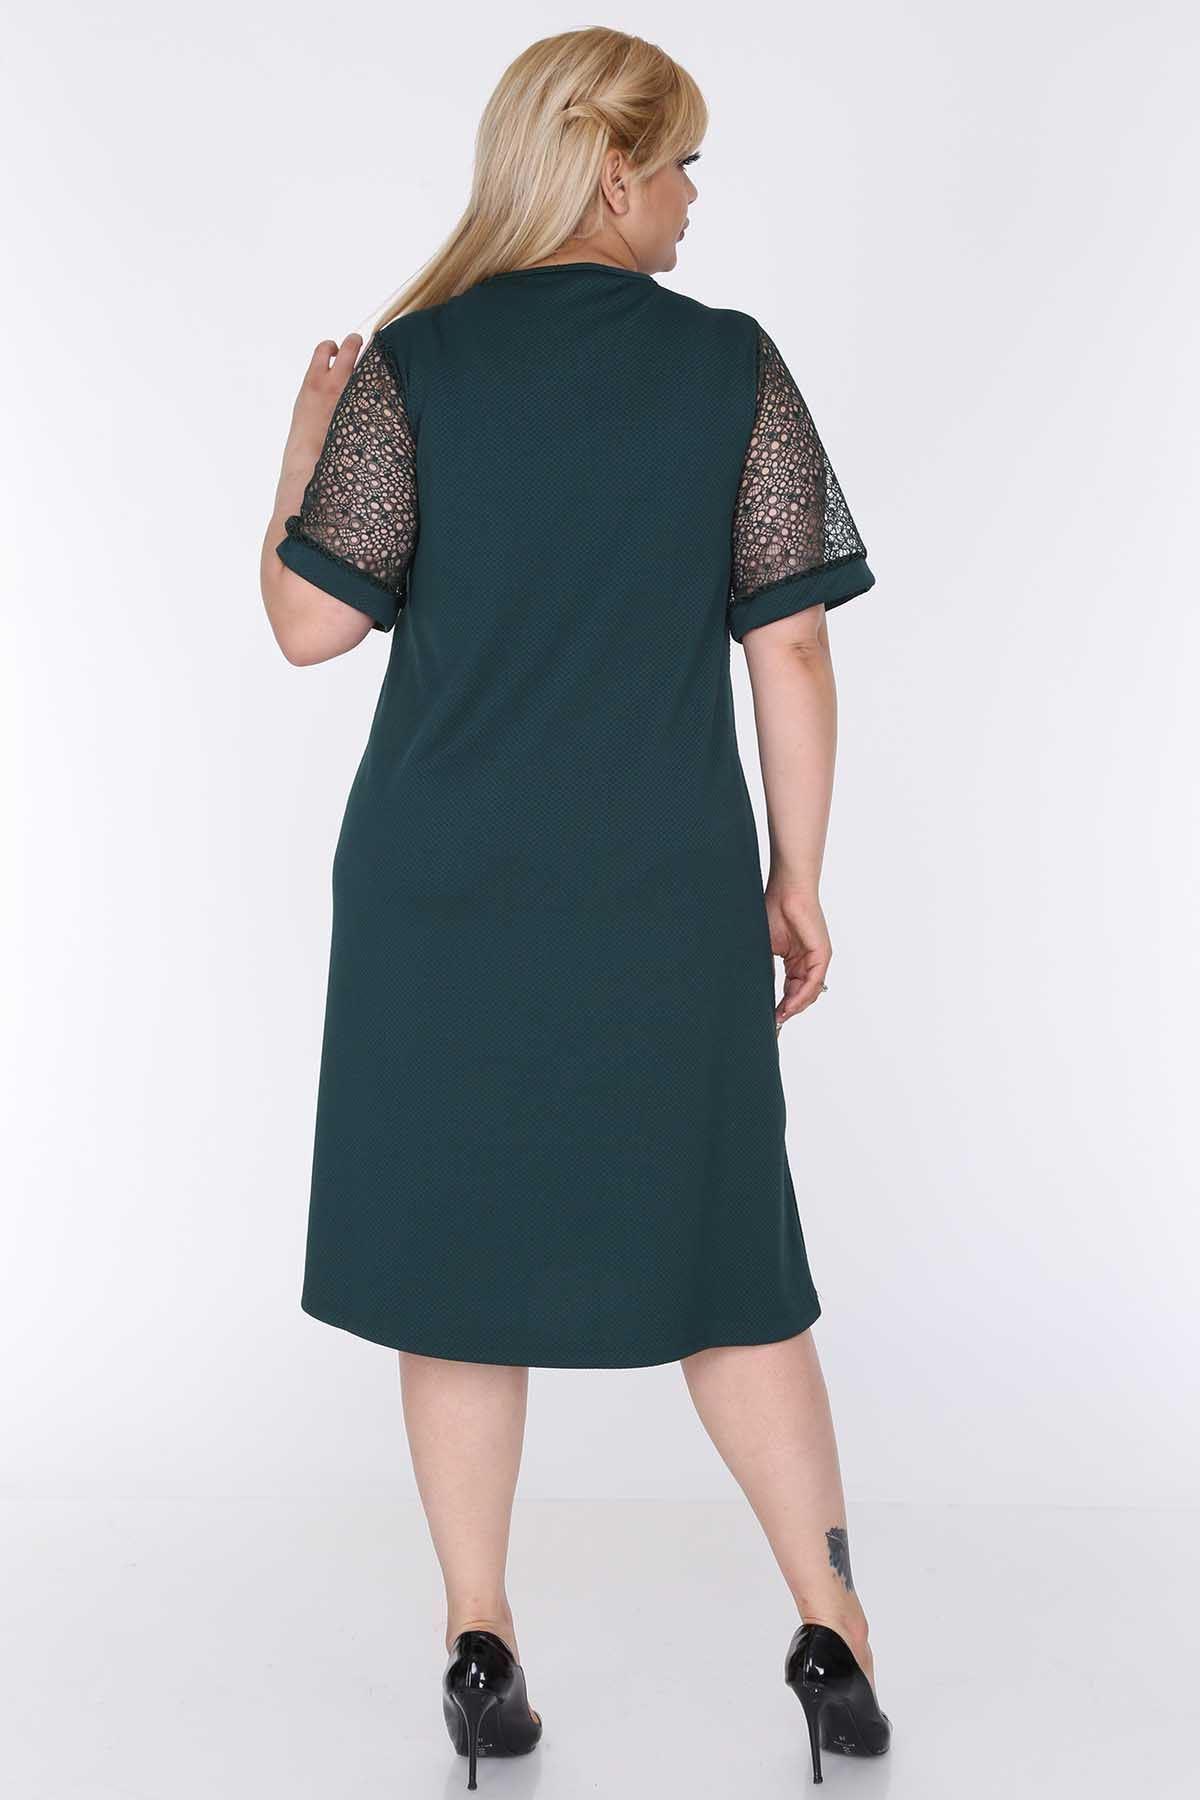 Kısa Kolları Dantel Elbise 22C-0578